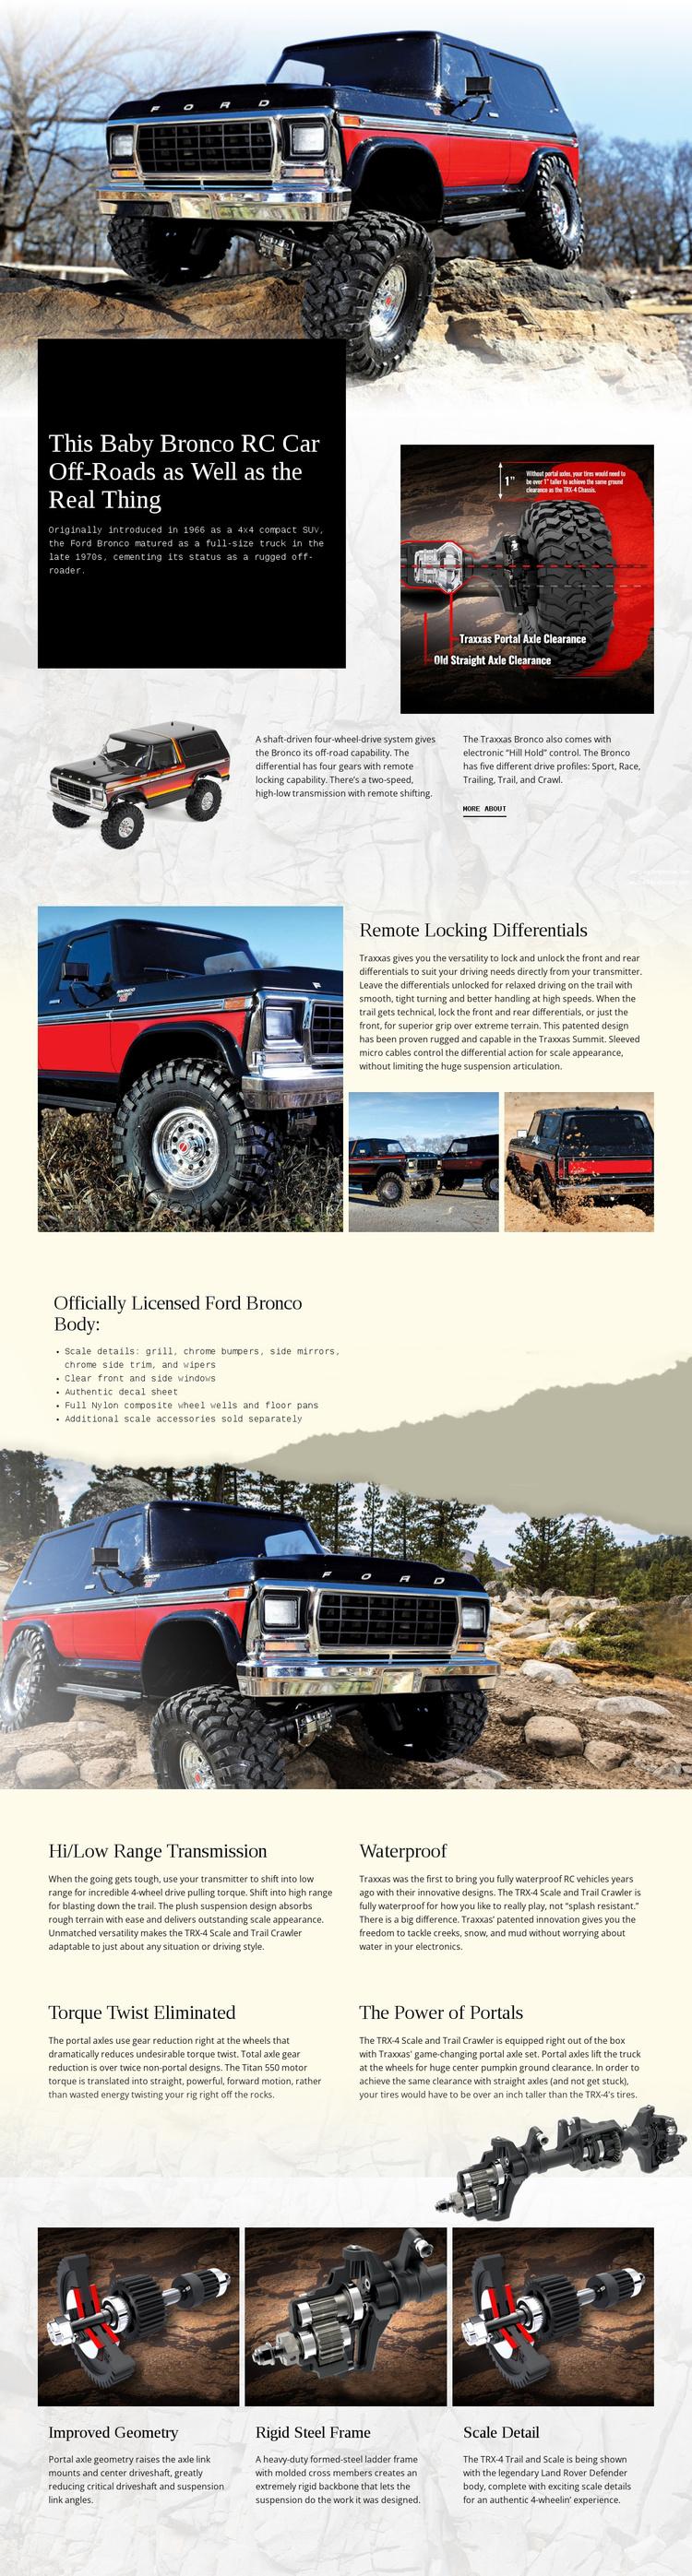 Bronco Rc Car Website Template